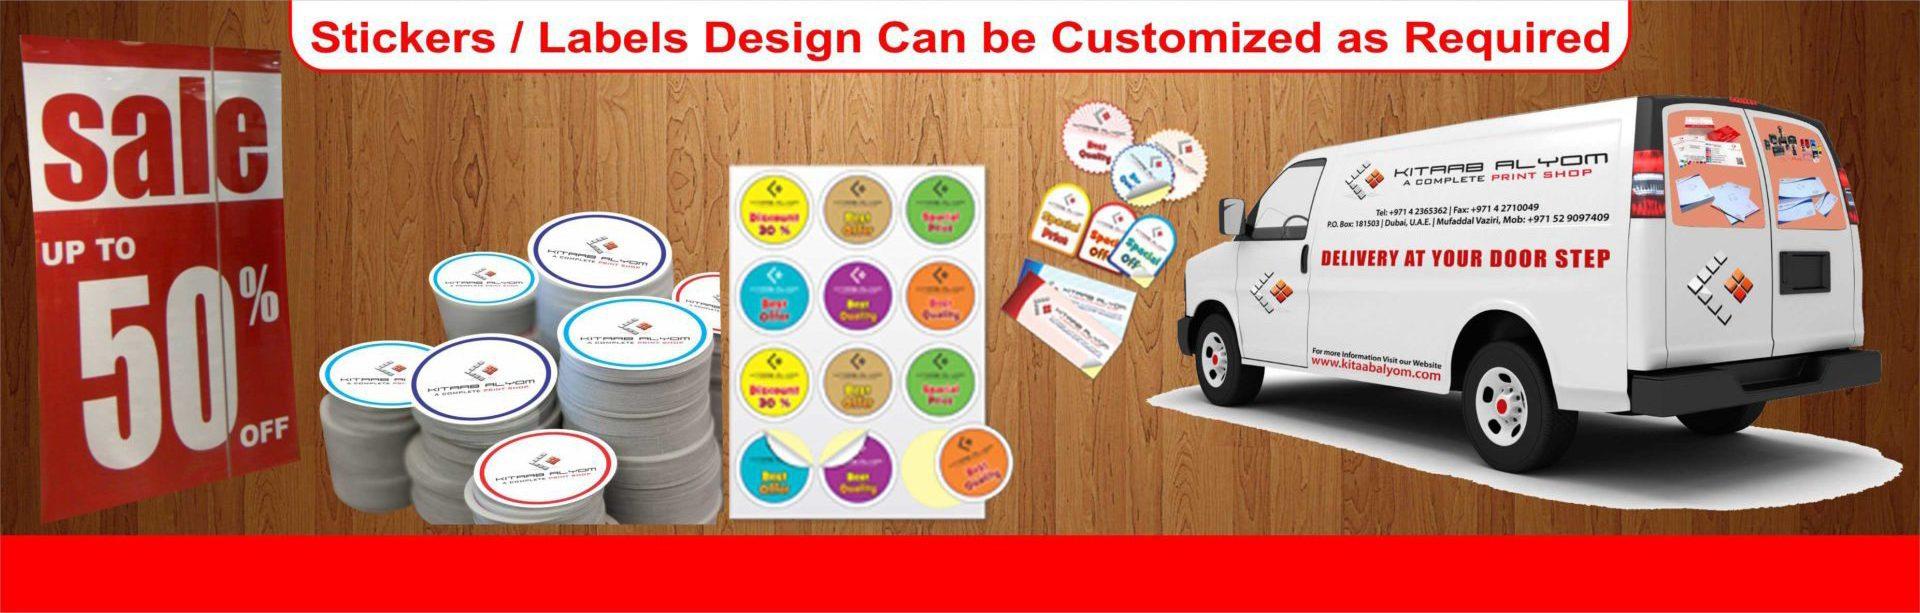 Stickers labels printing in dubai die cut labels printing in dubai